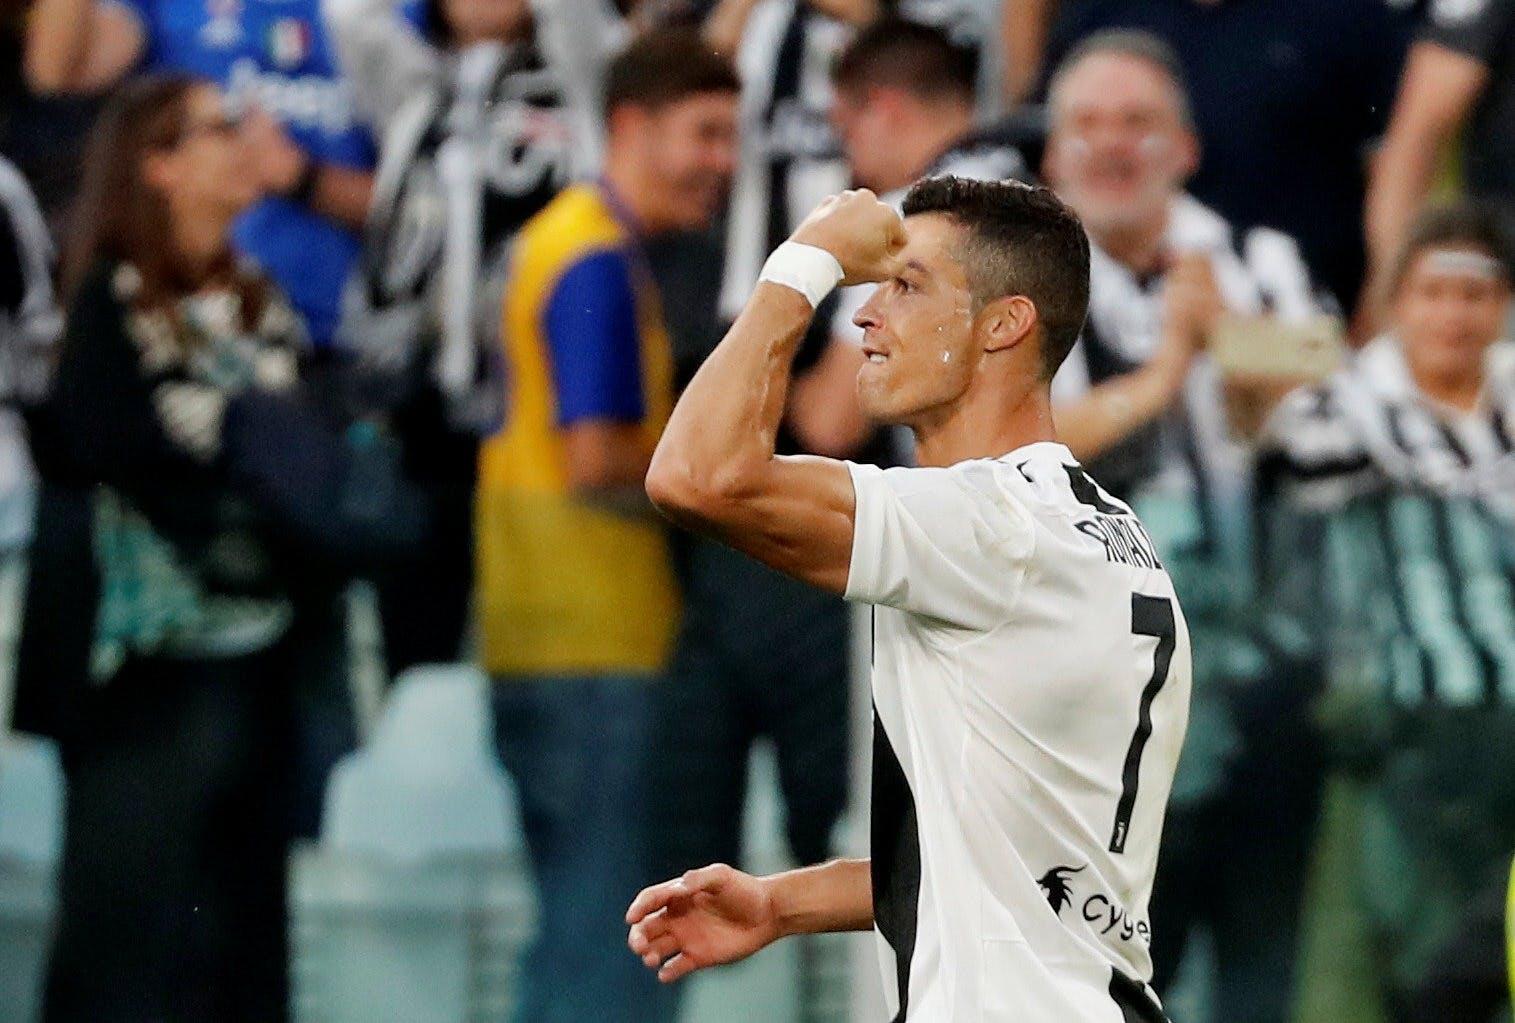 Nickmål av Ronaldo + Juventus-vinst till 8x pengarna!